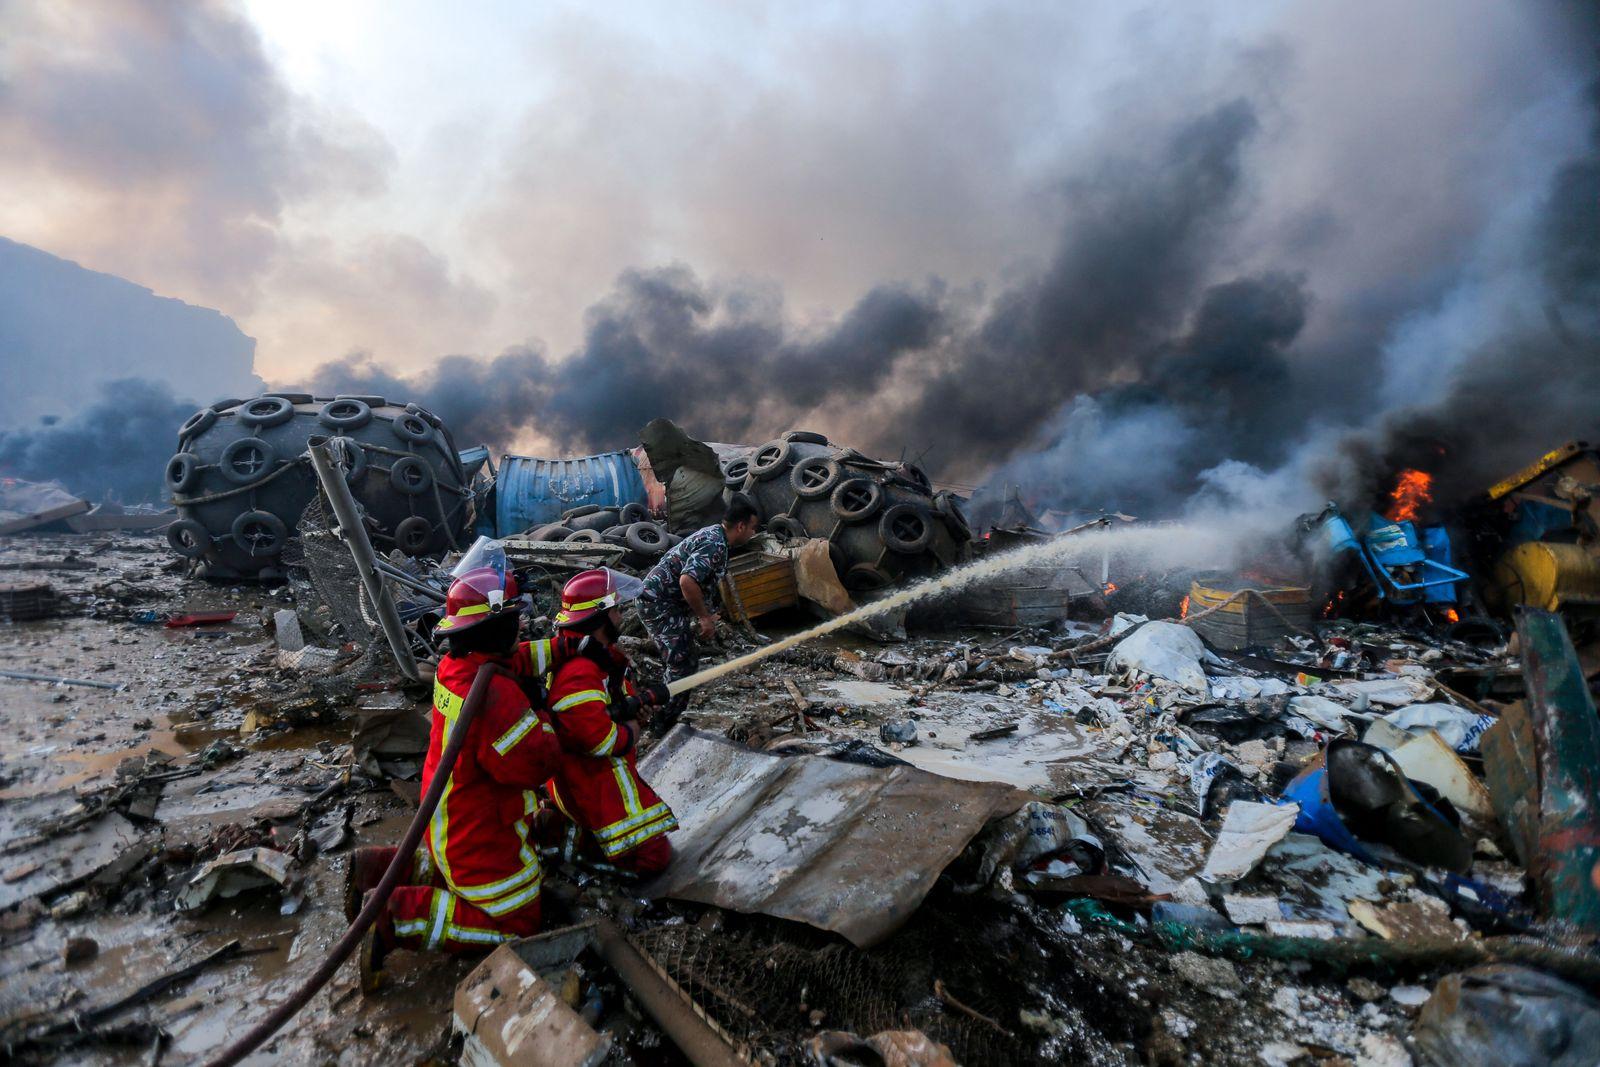 Aftermath Of A Huge Blast - Beirut